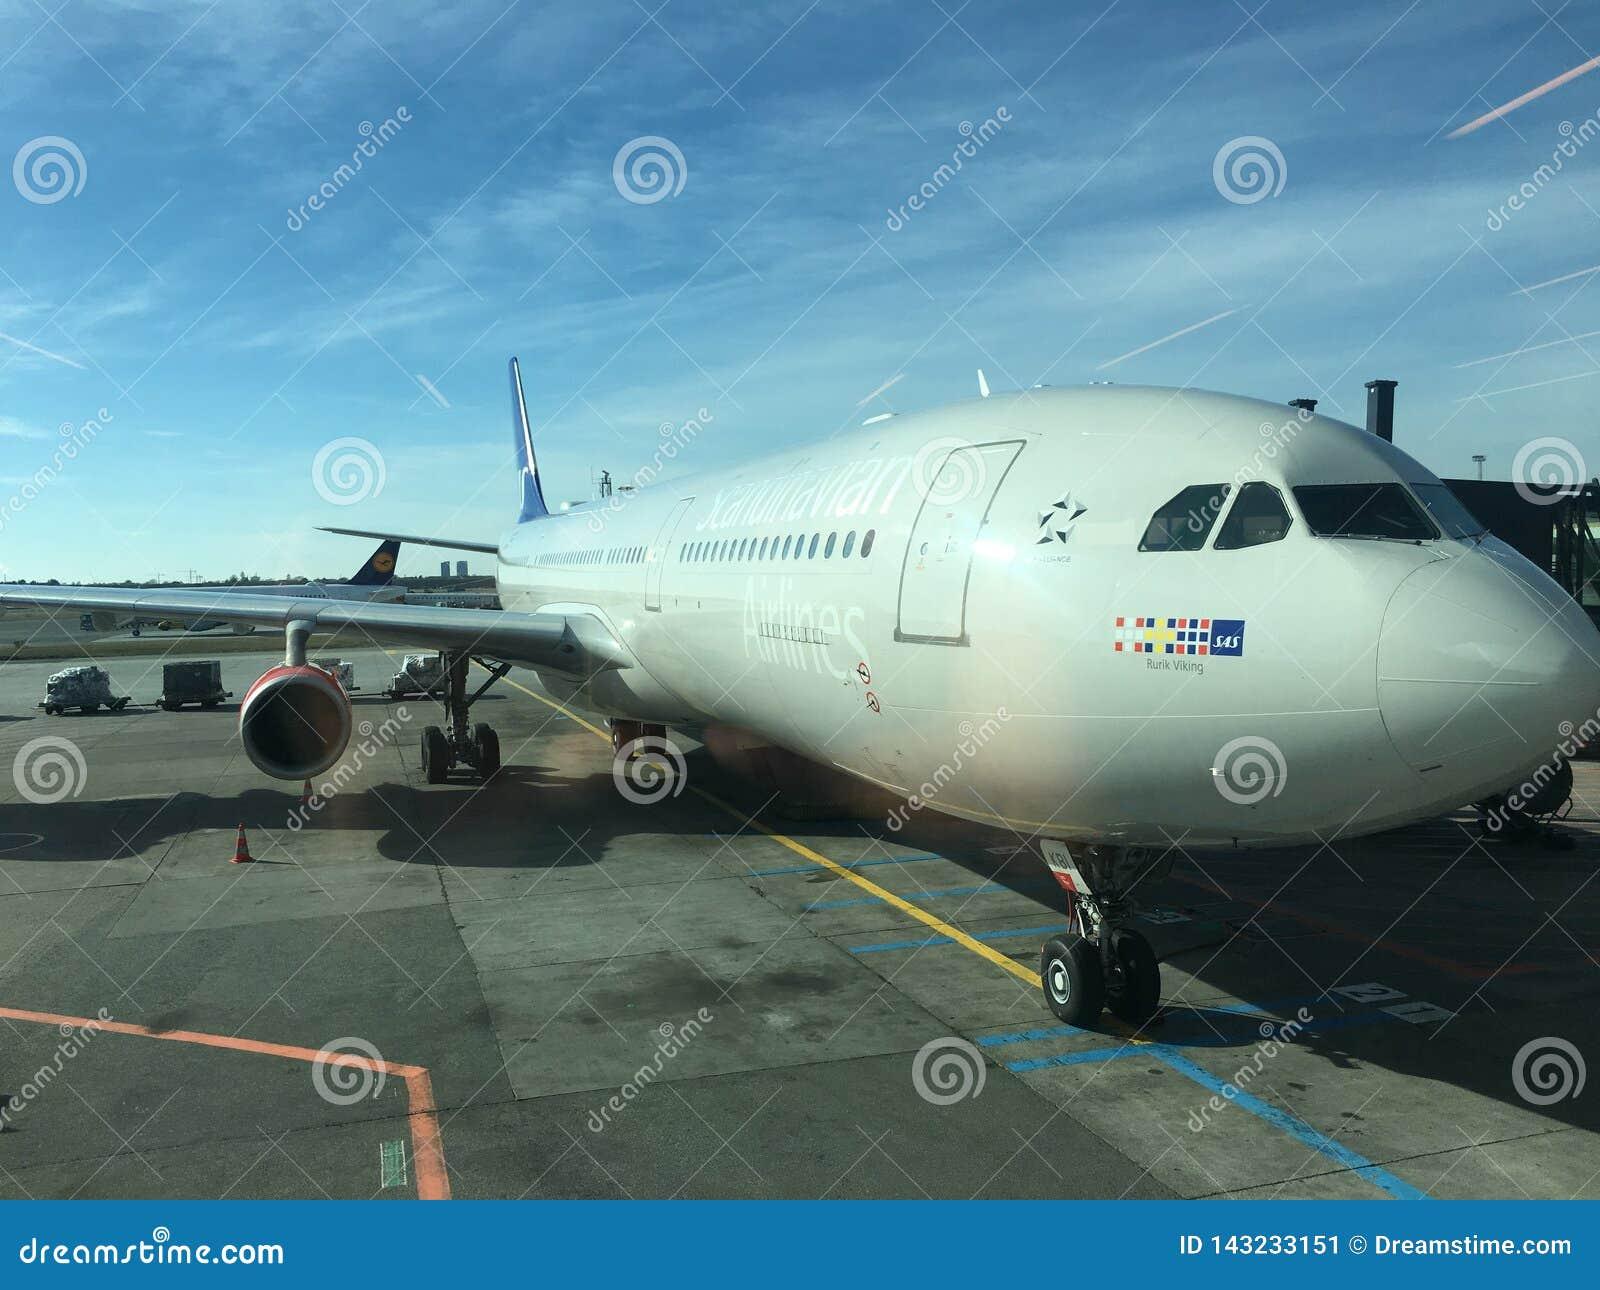 De vliegtuigen op het gebiedswachten om op te stijgen gaan naar huis